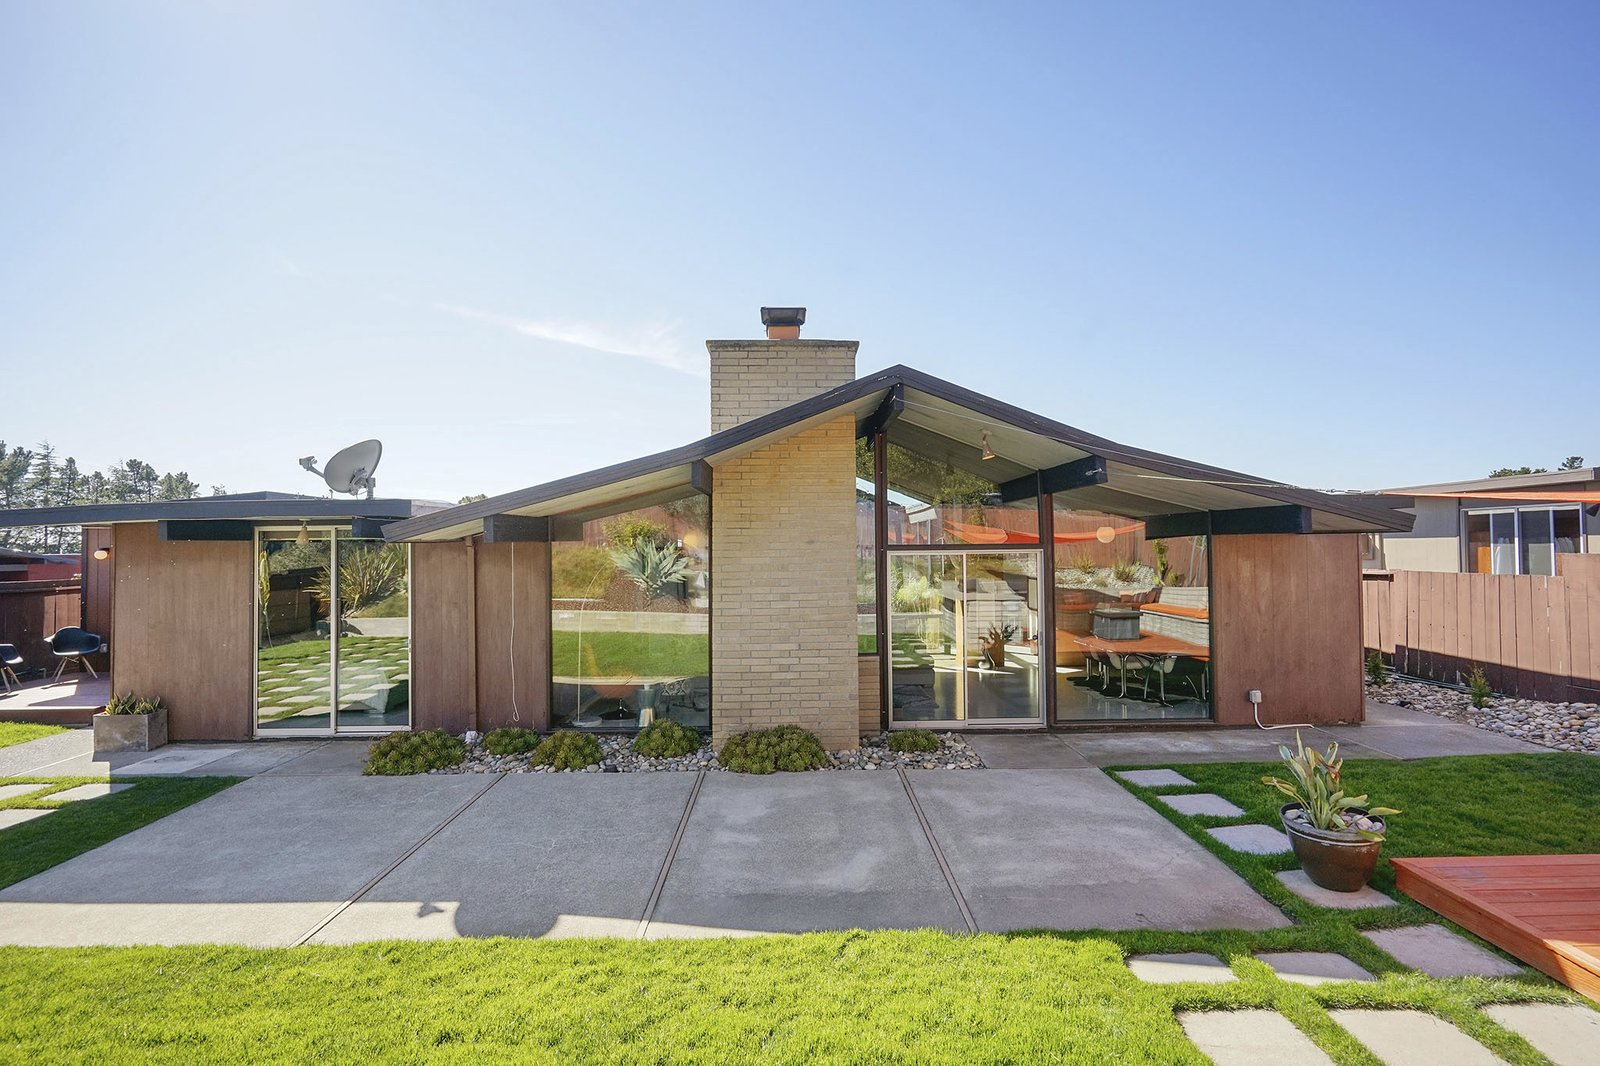 8050 Shay Drive Oakland Eichler home rear facade